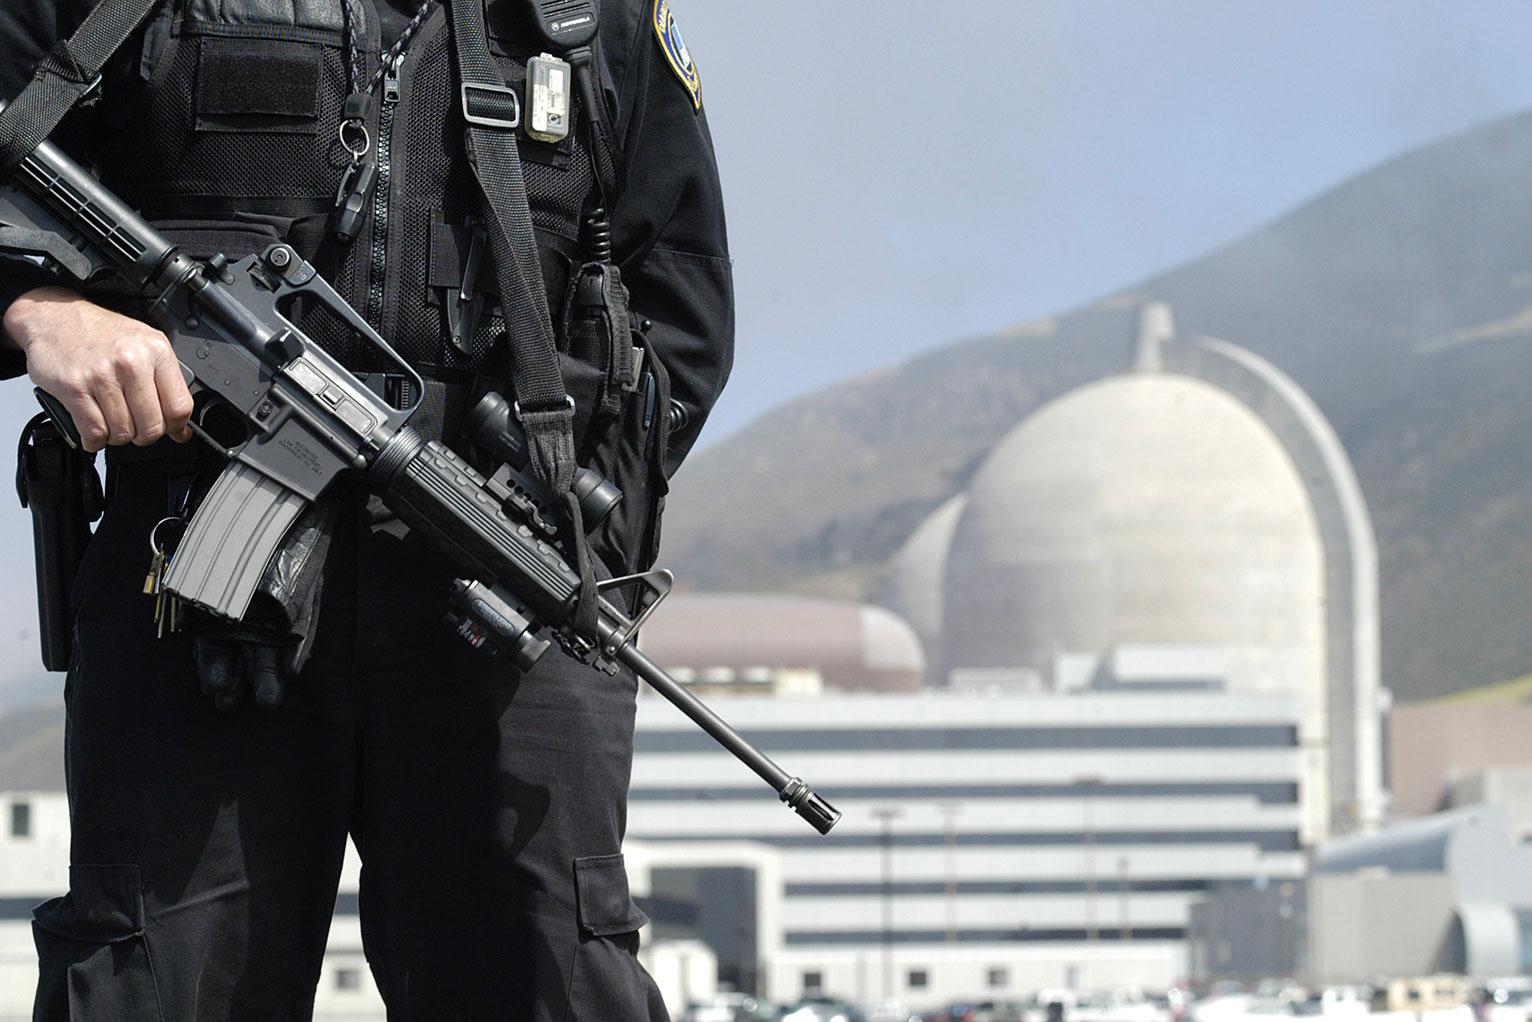 Security Guard Careers Advice